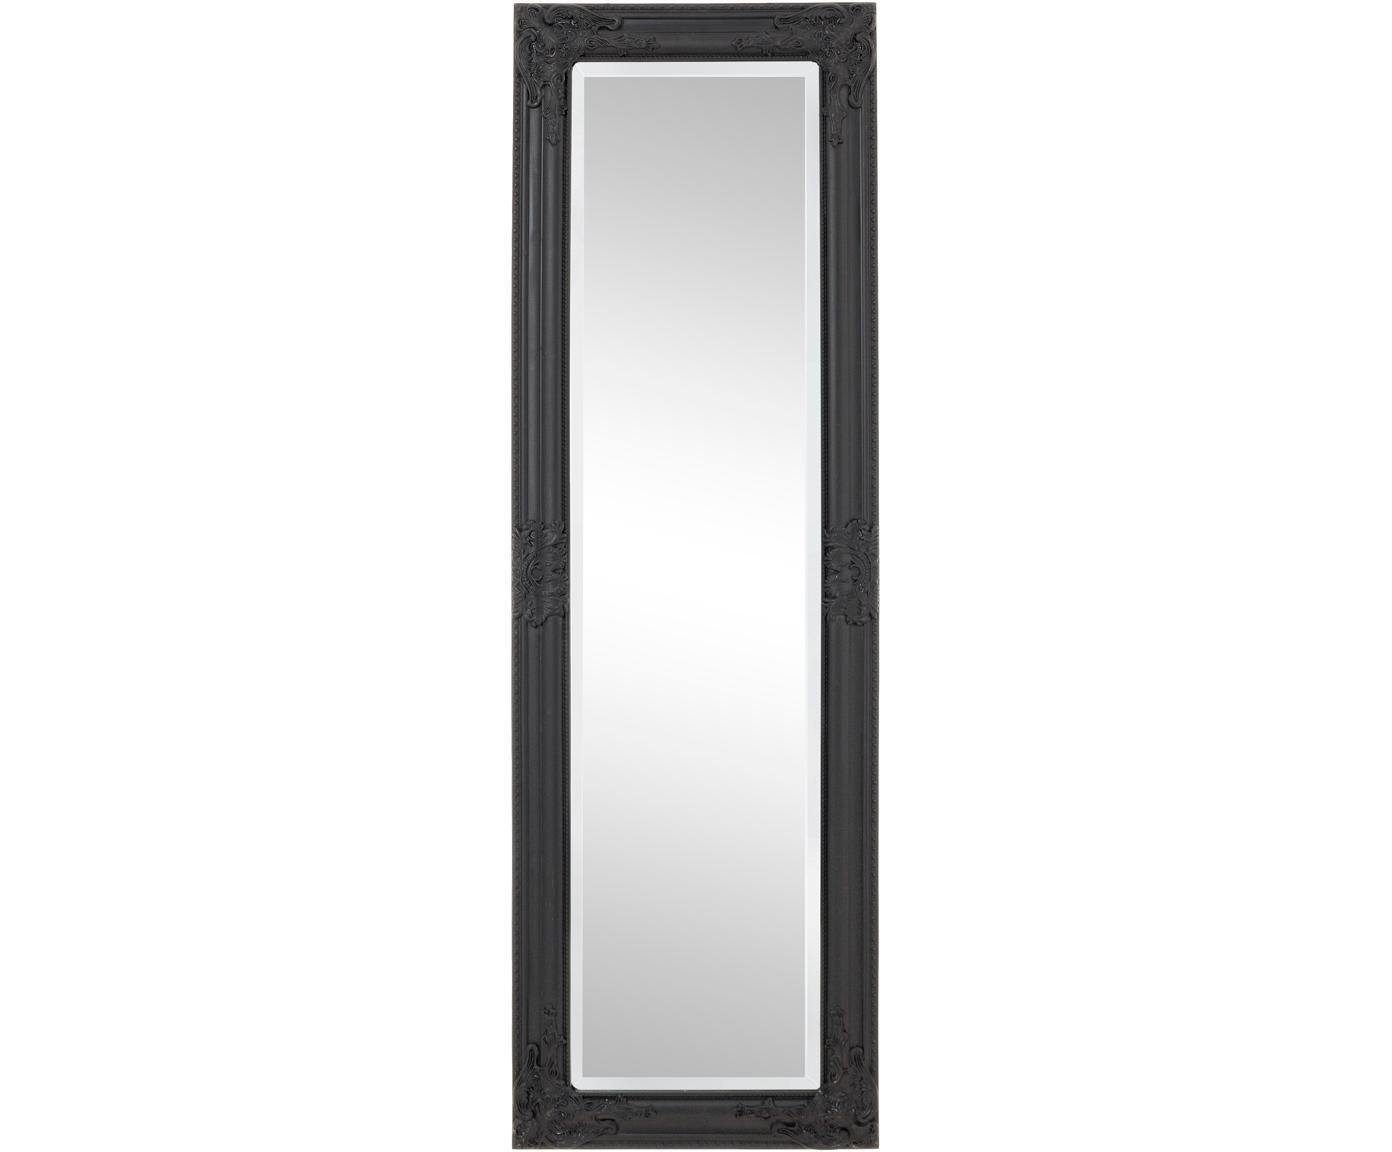 Specchio da parete con cornice in legno nero Miro, Cornice: legno, rivestito, Superficie dello specchio: lastra di vetro, Nero, Larg. 42 x Alt. 132 cm